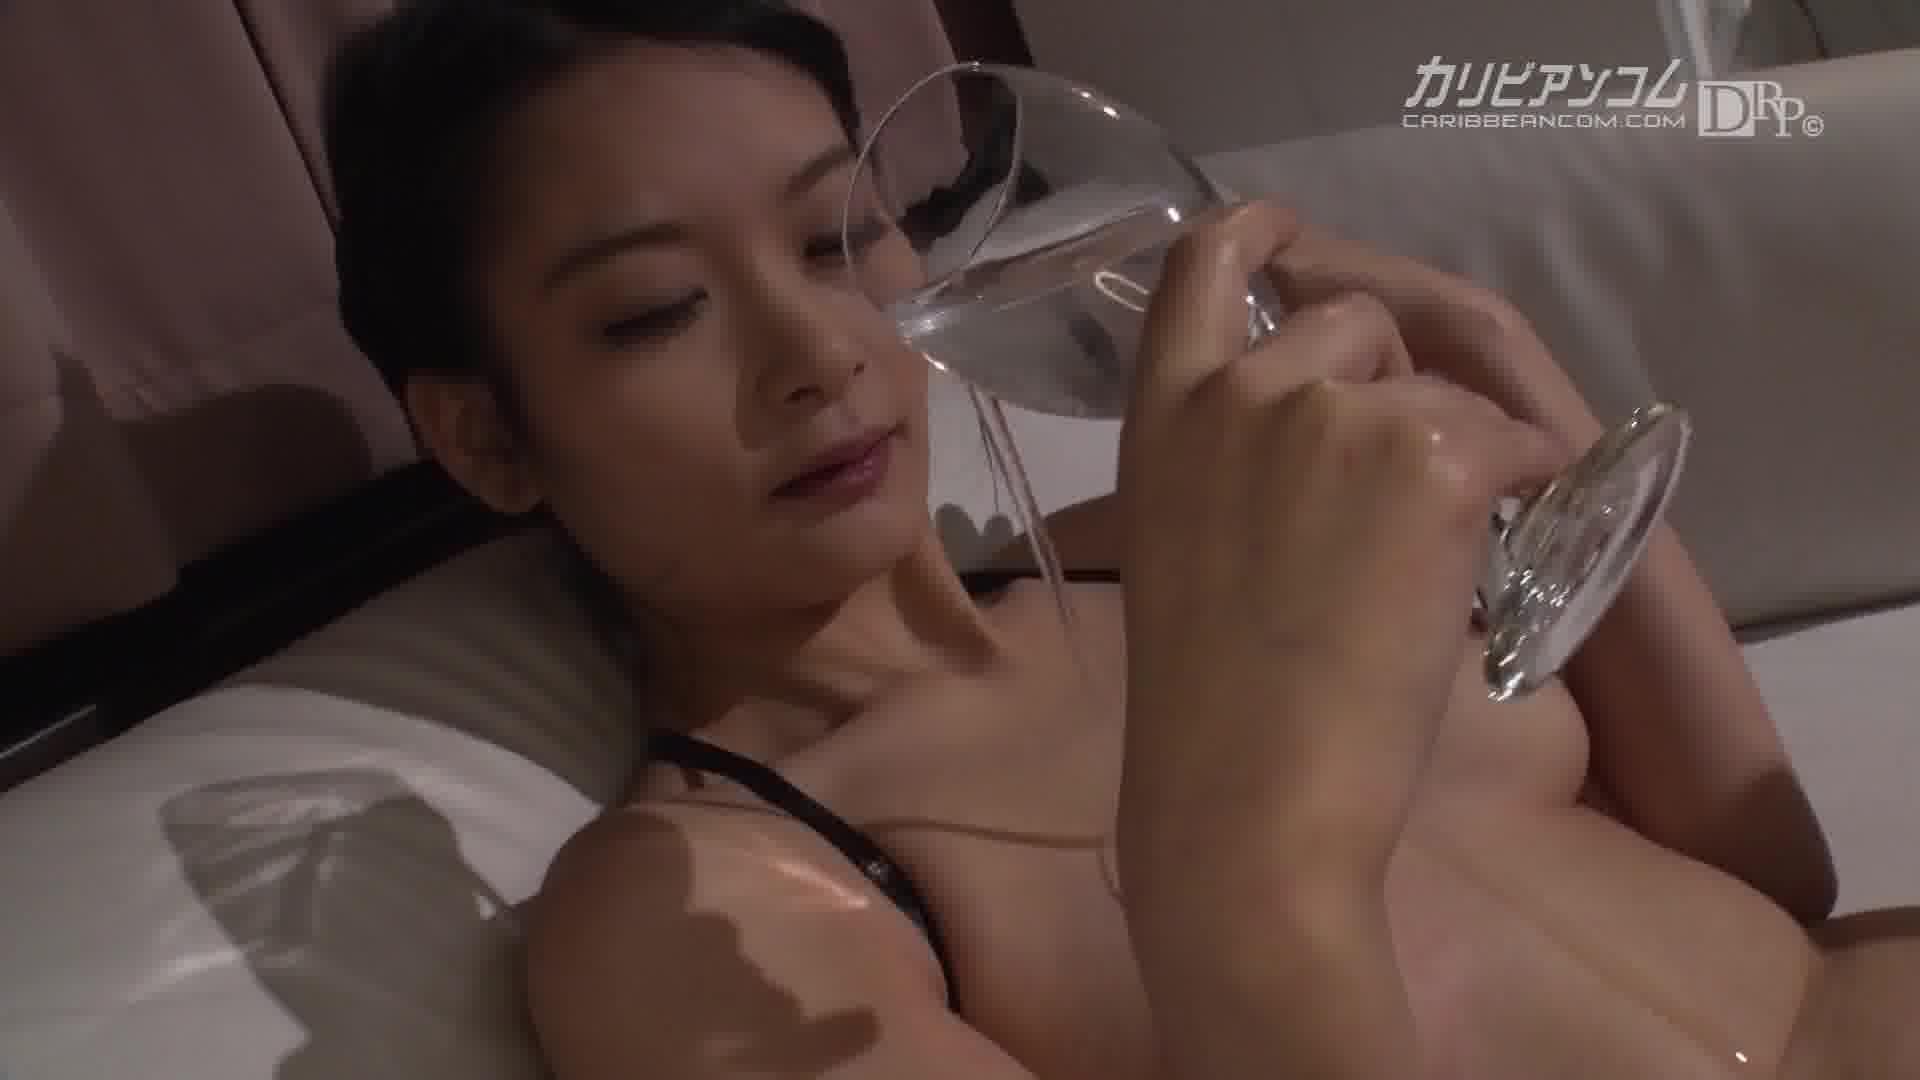 THE 未公開 ~排出される女汁のオンパレード~ - 夕城芹【巨乳・パイパン・パイズリ】